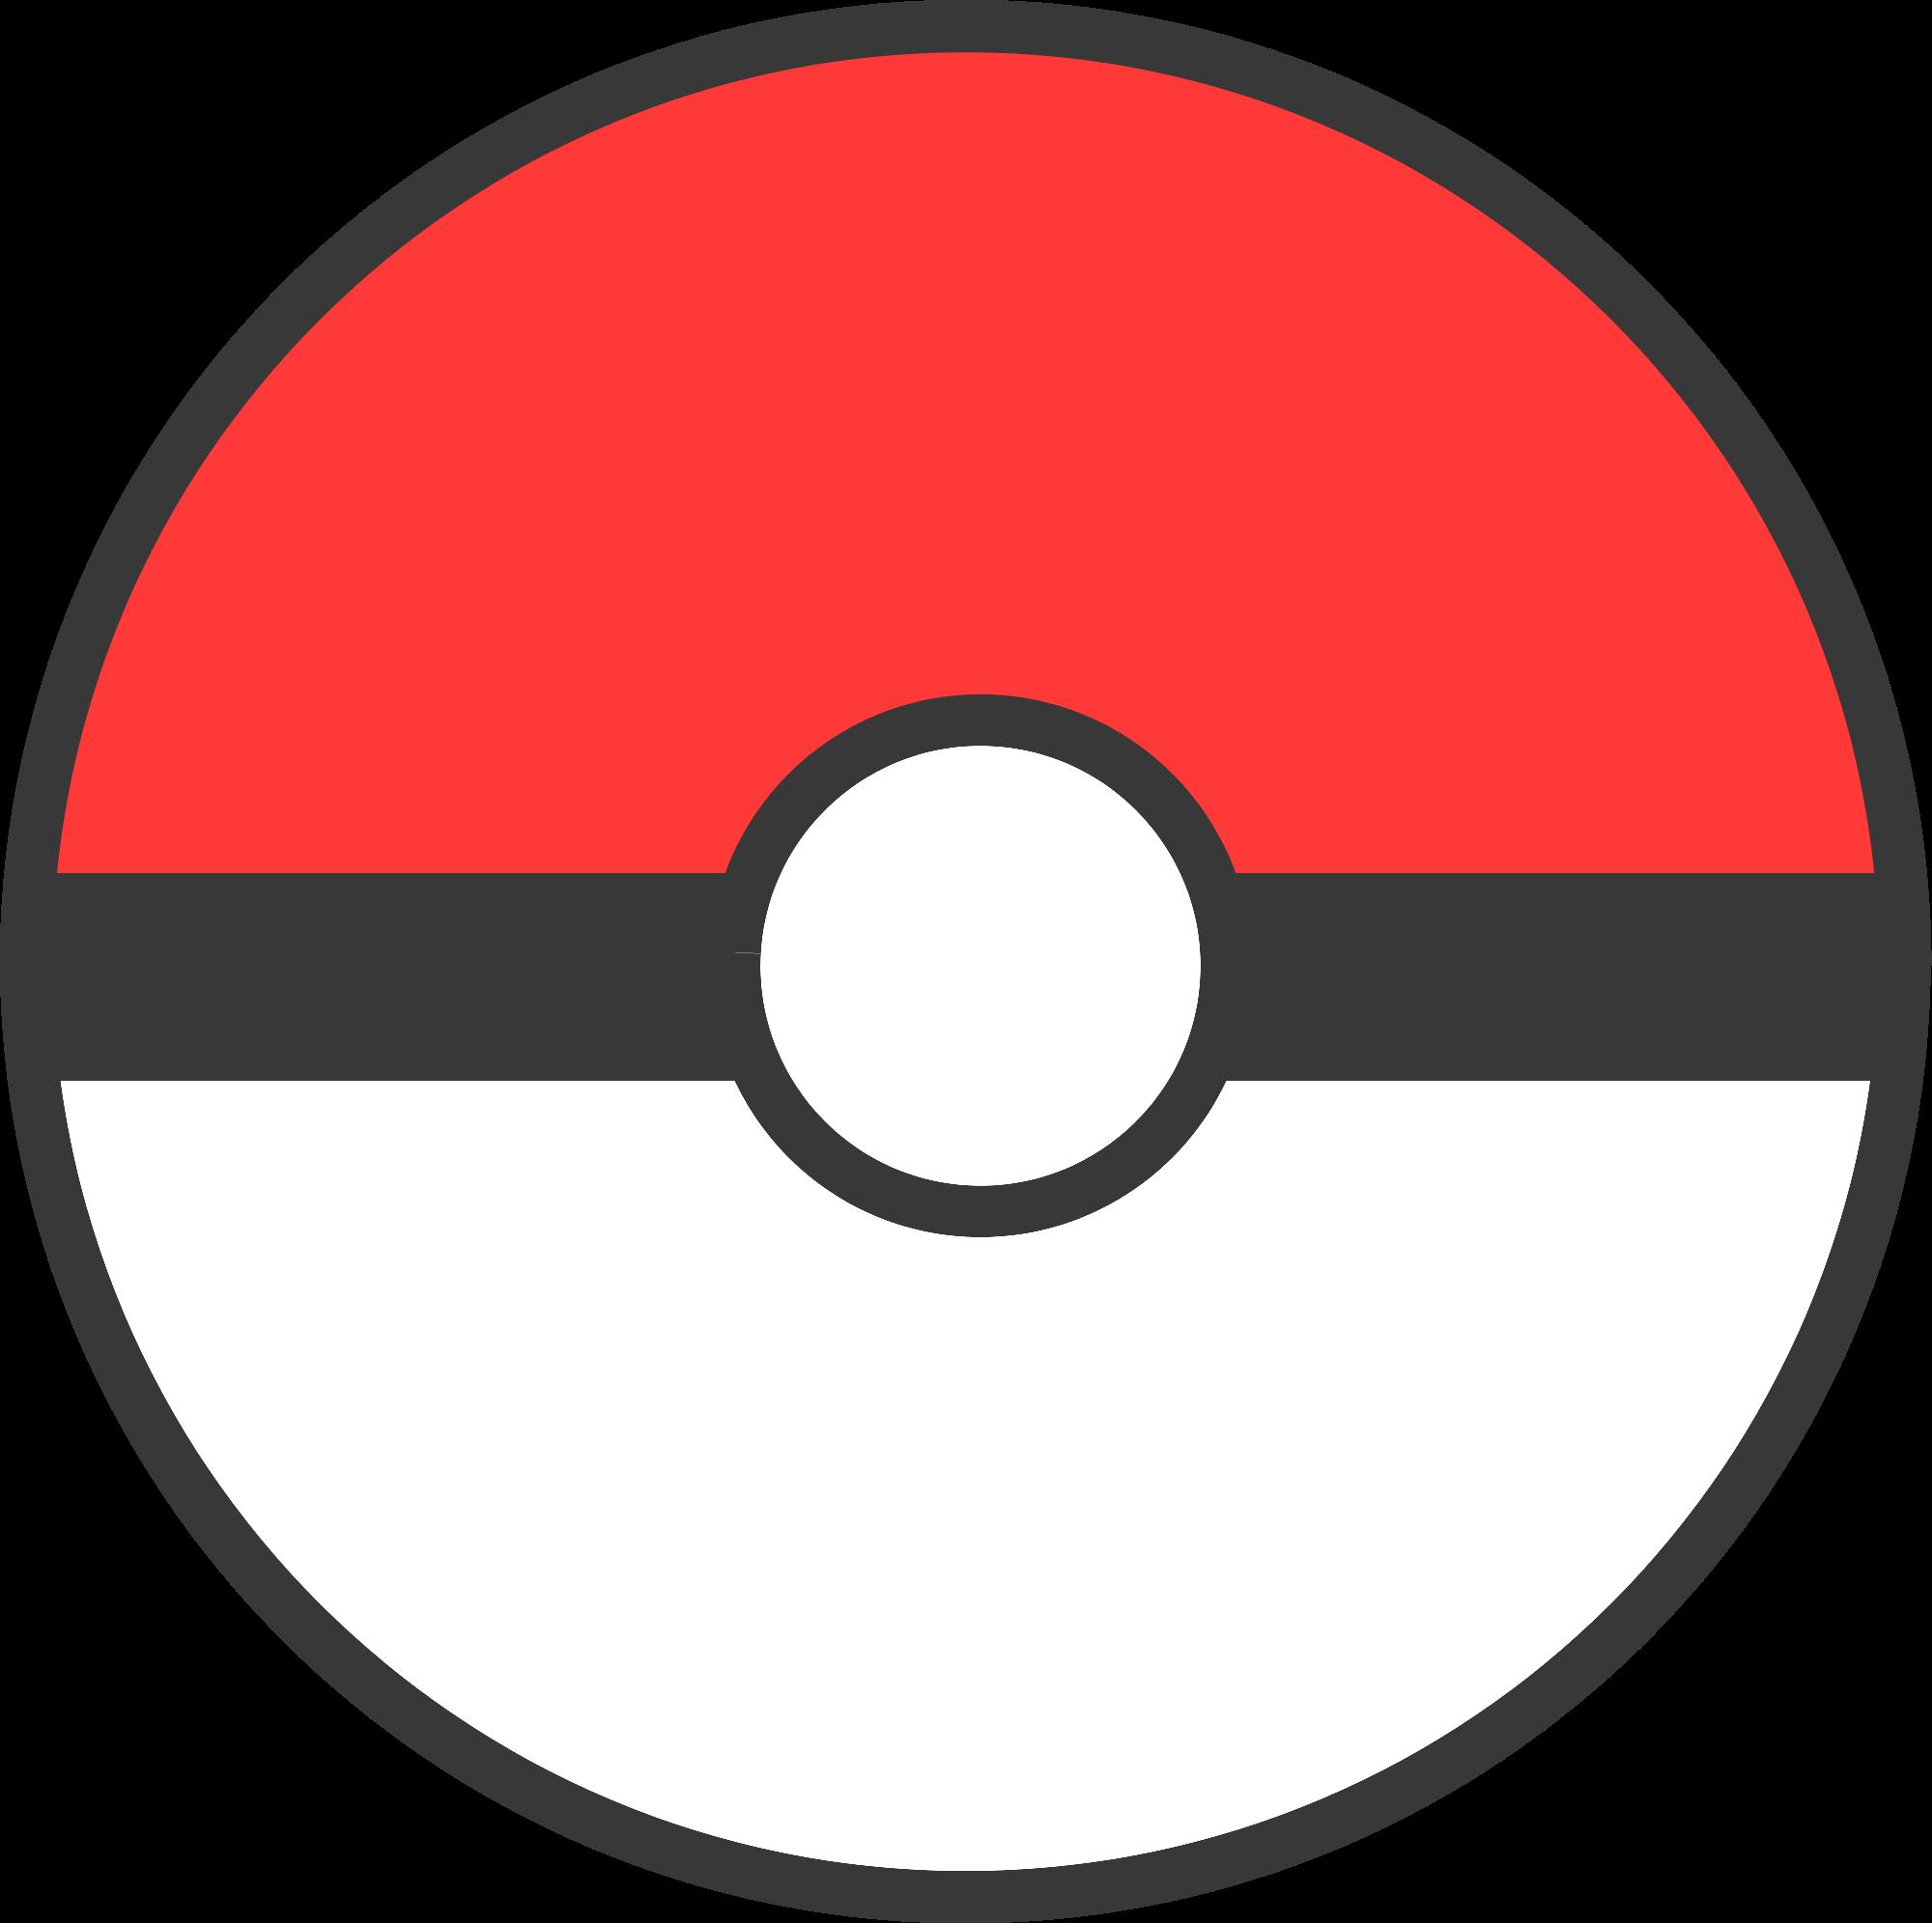 pokeball svg file Google Search Pokemon ball, Pokemon